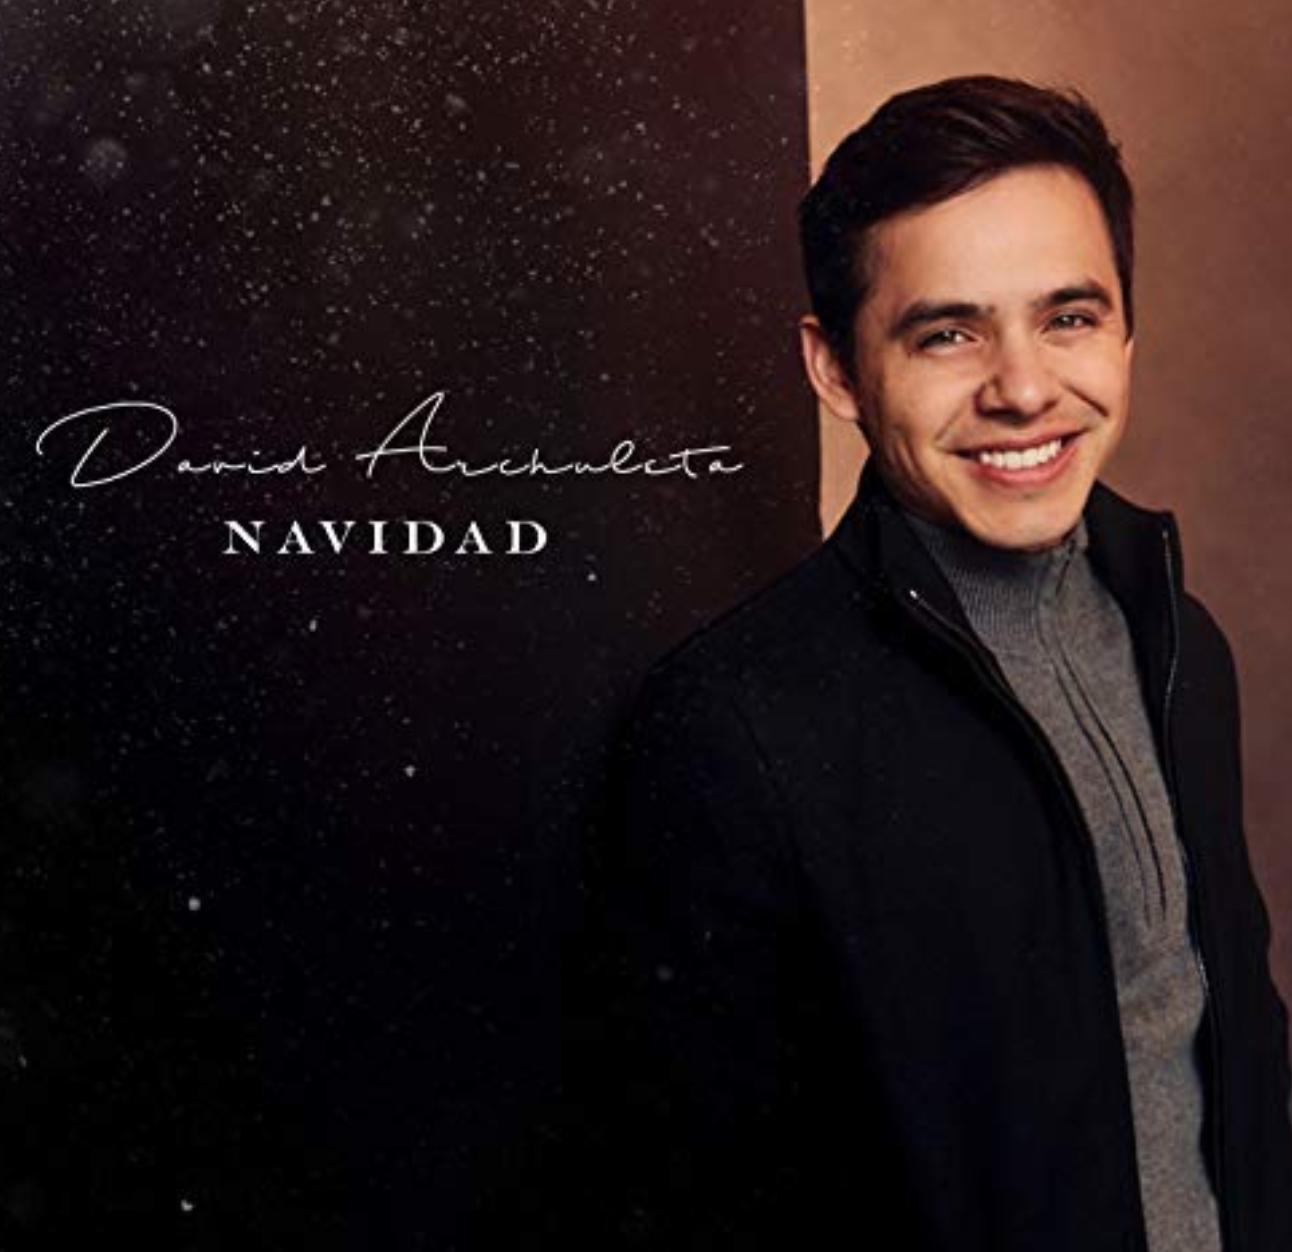 Navidad David Archuleta